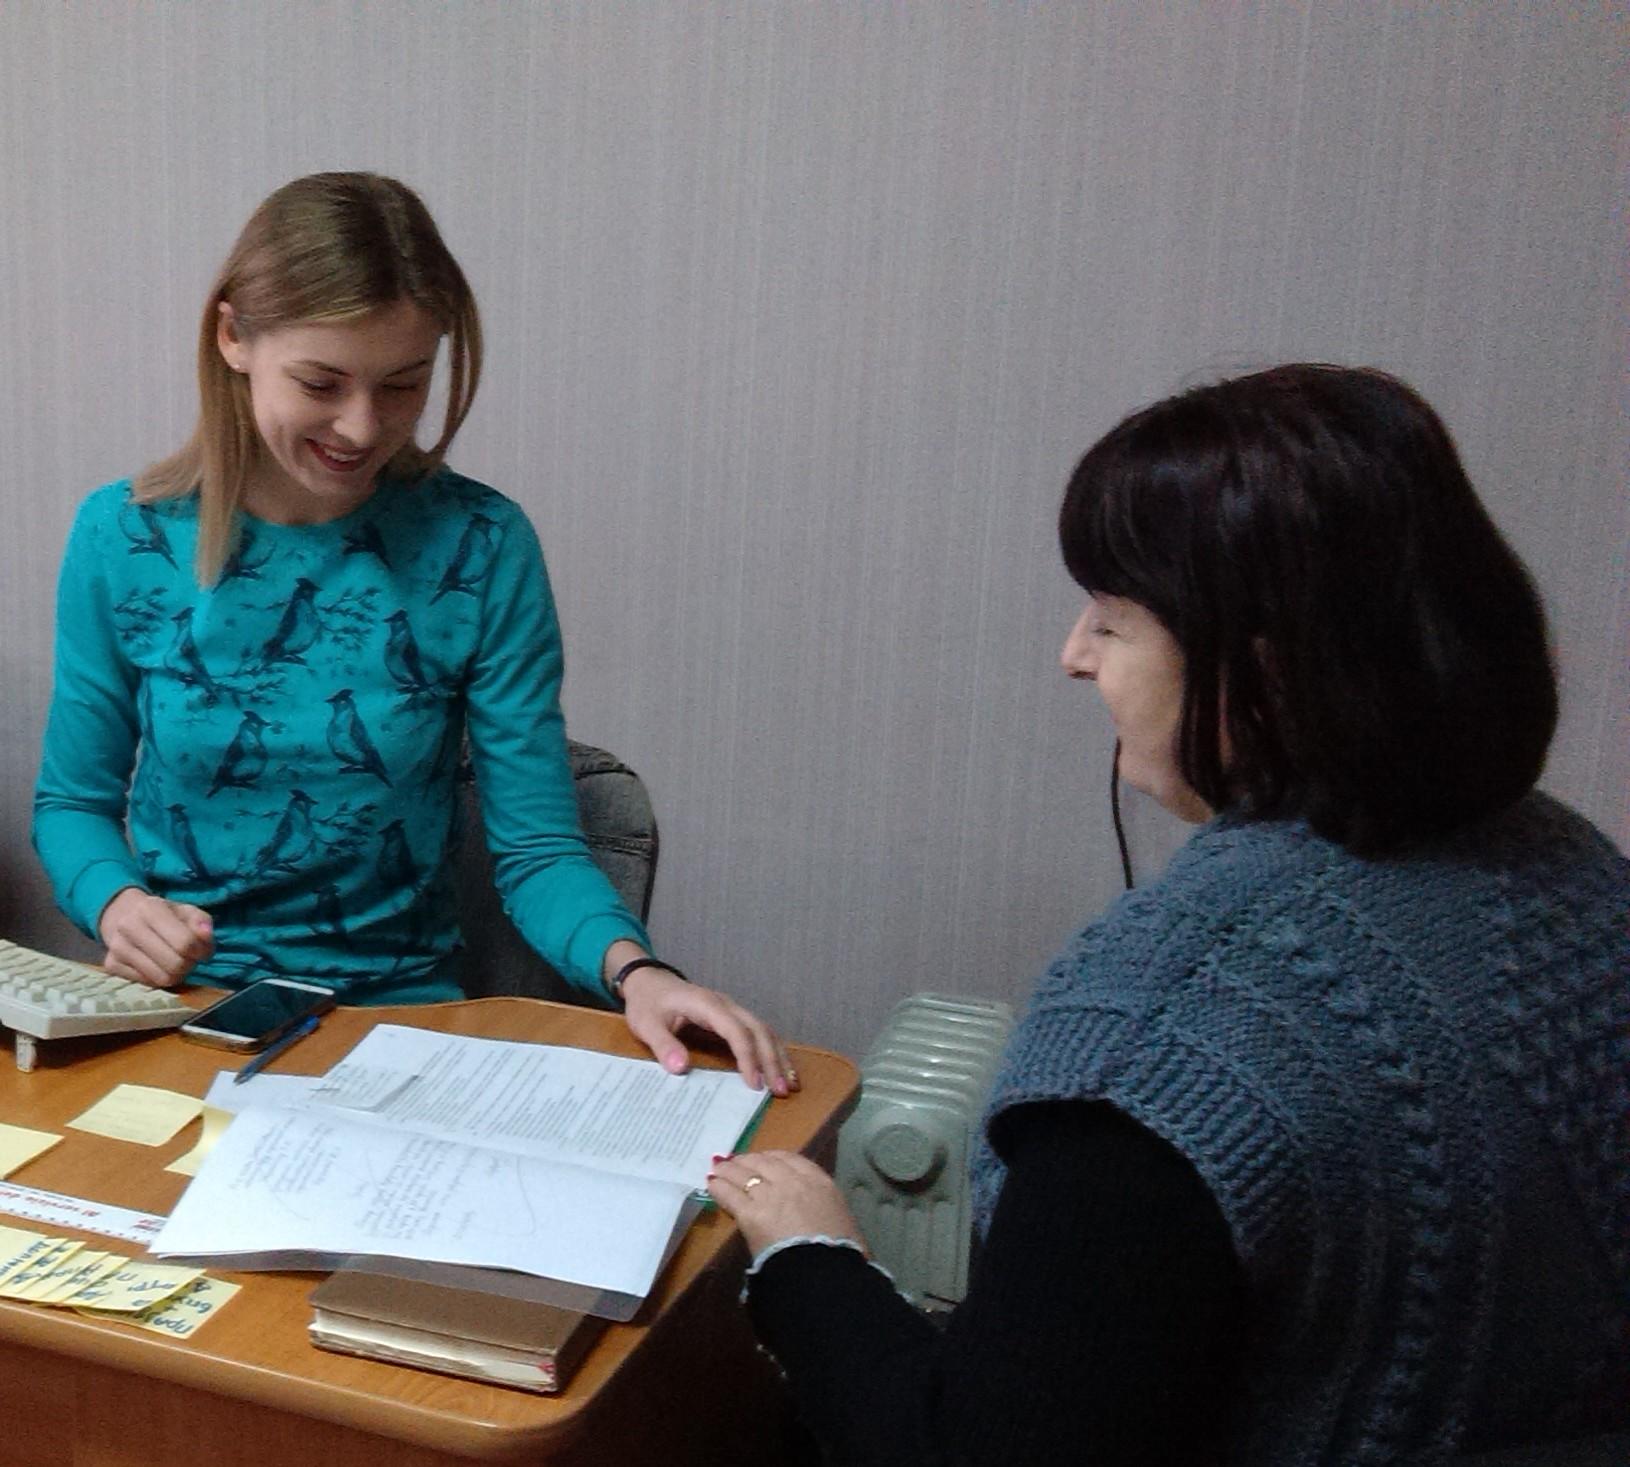 Ми поспілкувалися із Наталією Щьолоковою, яка у 2014 році покинула рідний Стаханів, що в Луганській області, дім, роботу, друзів і поїхала шукати миру та спокою, щоб врешті возз'єднатися зі своєю родиною в 150 кілометрах від зони бойових дій і почати нове життя.